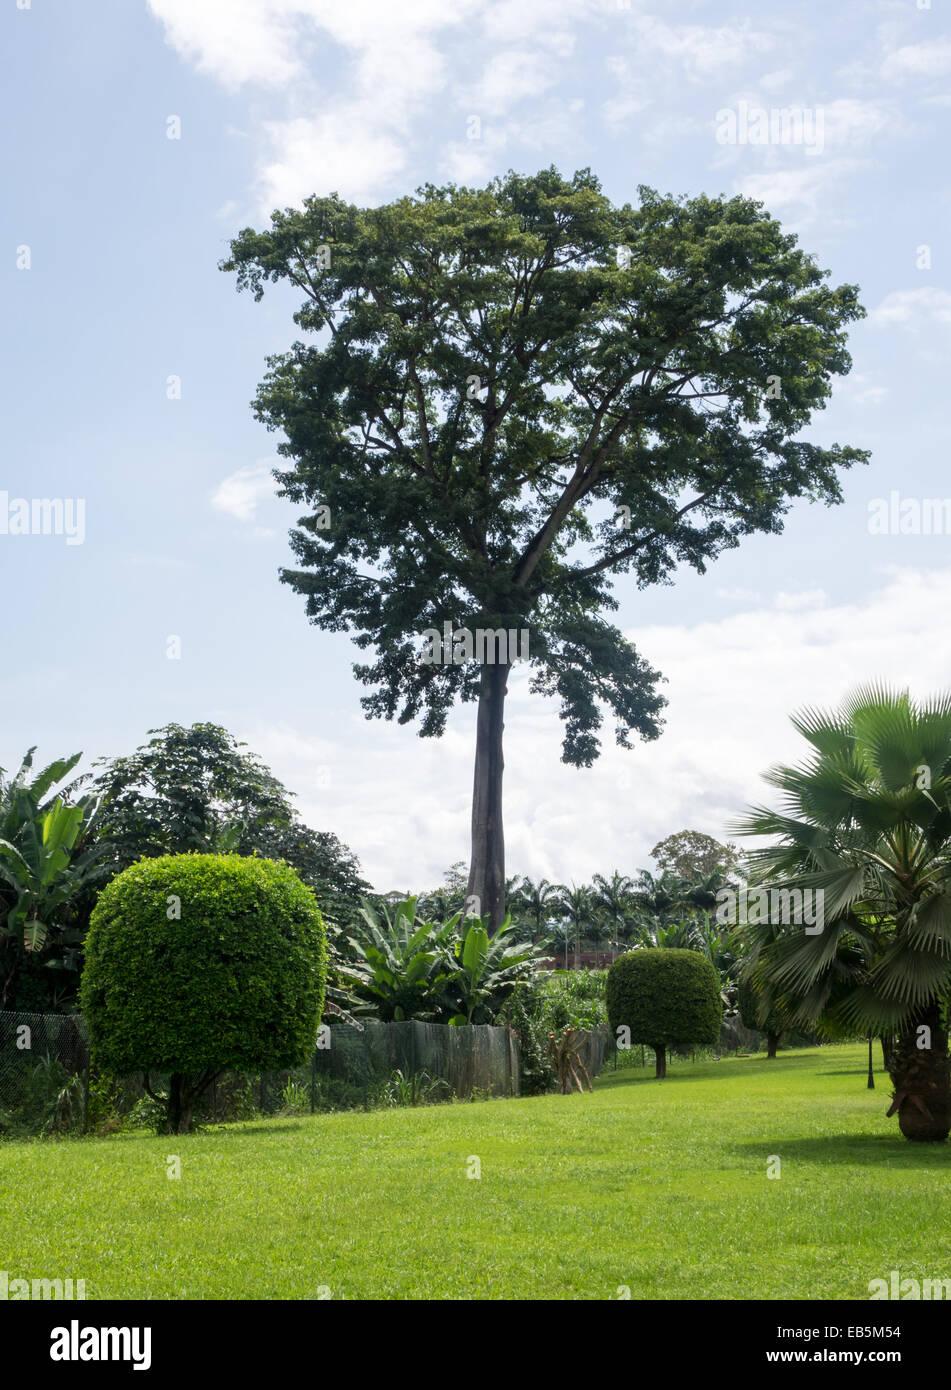 Ceiba tree in garden of Hilton Hotel near Malabo Equatorial Guinea - Stock Image